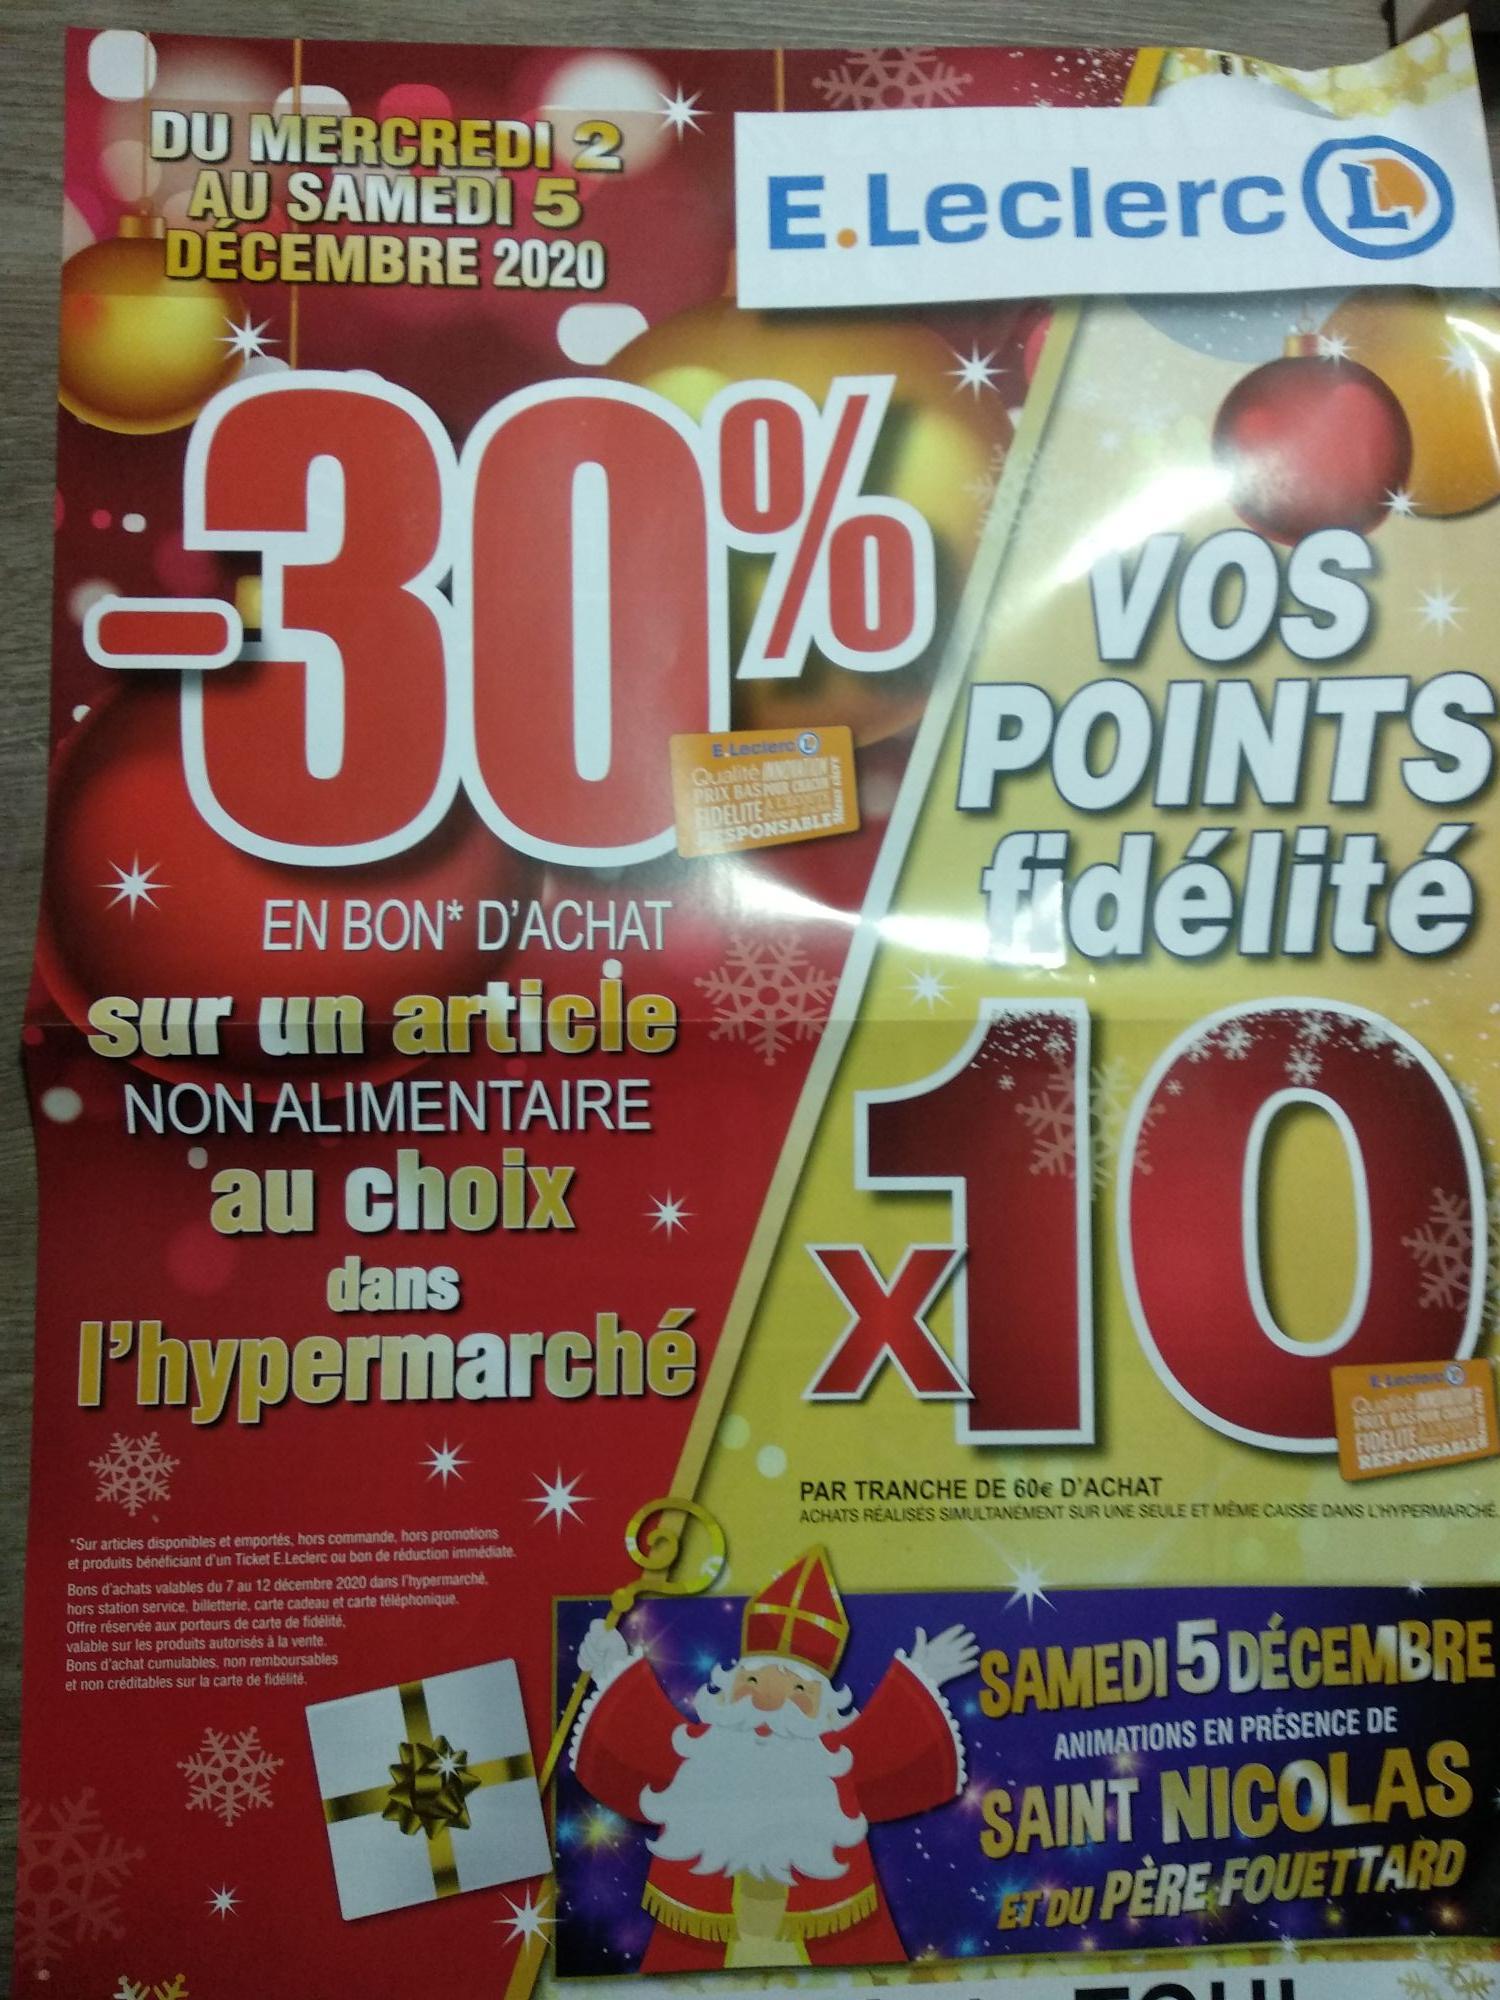 30% offerts en bon d'achat sur un article de votre choix - Dommartin les toul (54)